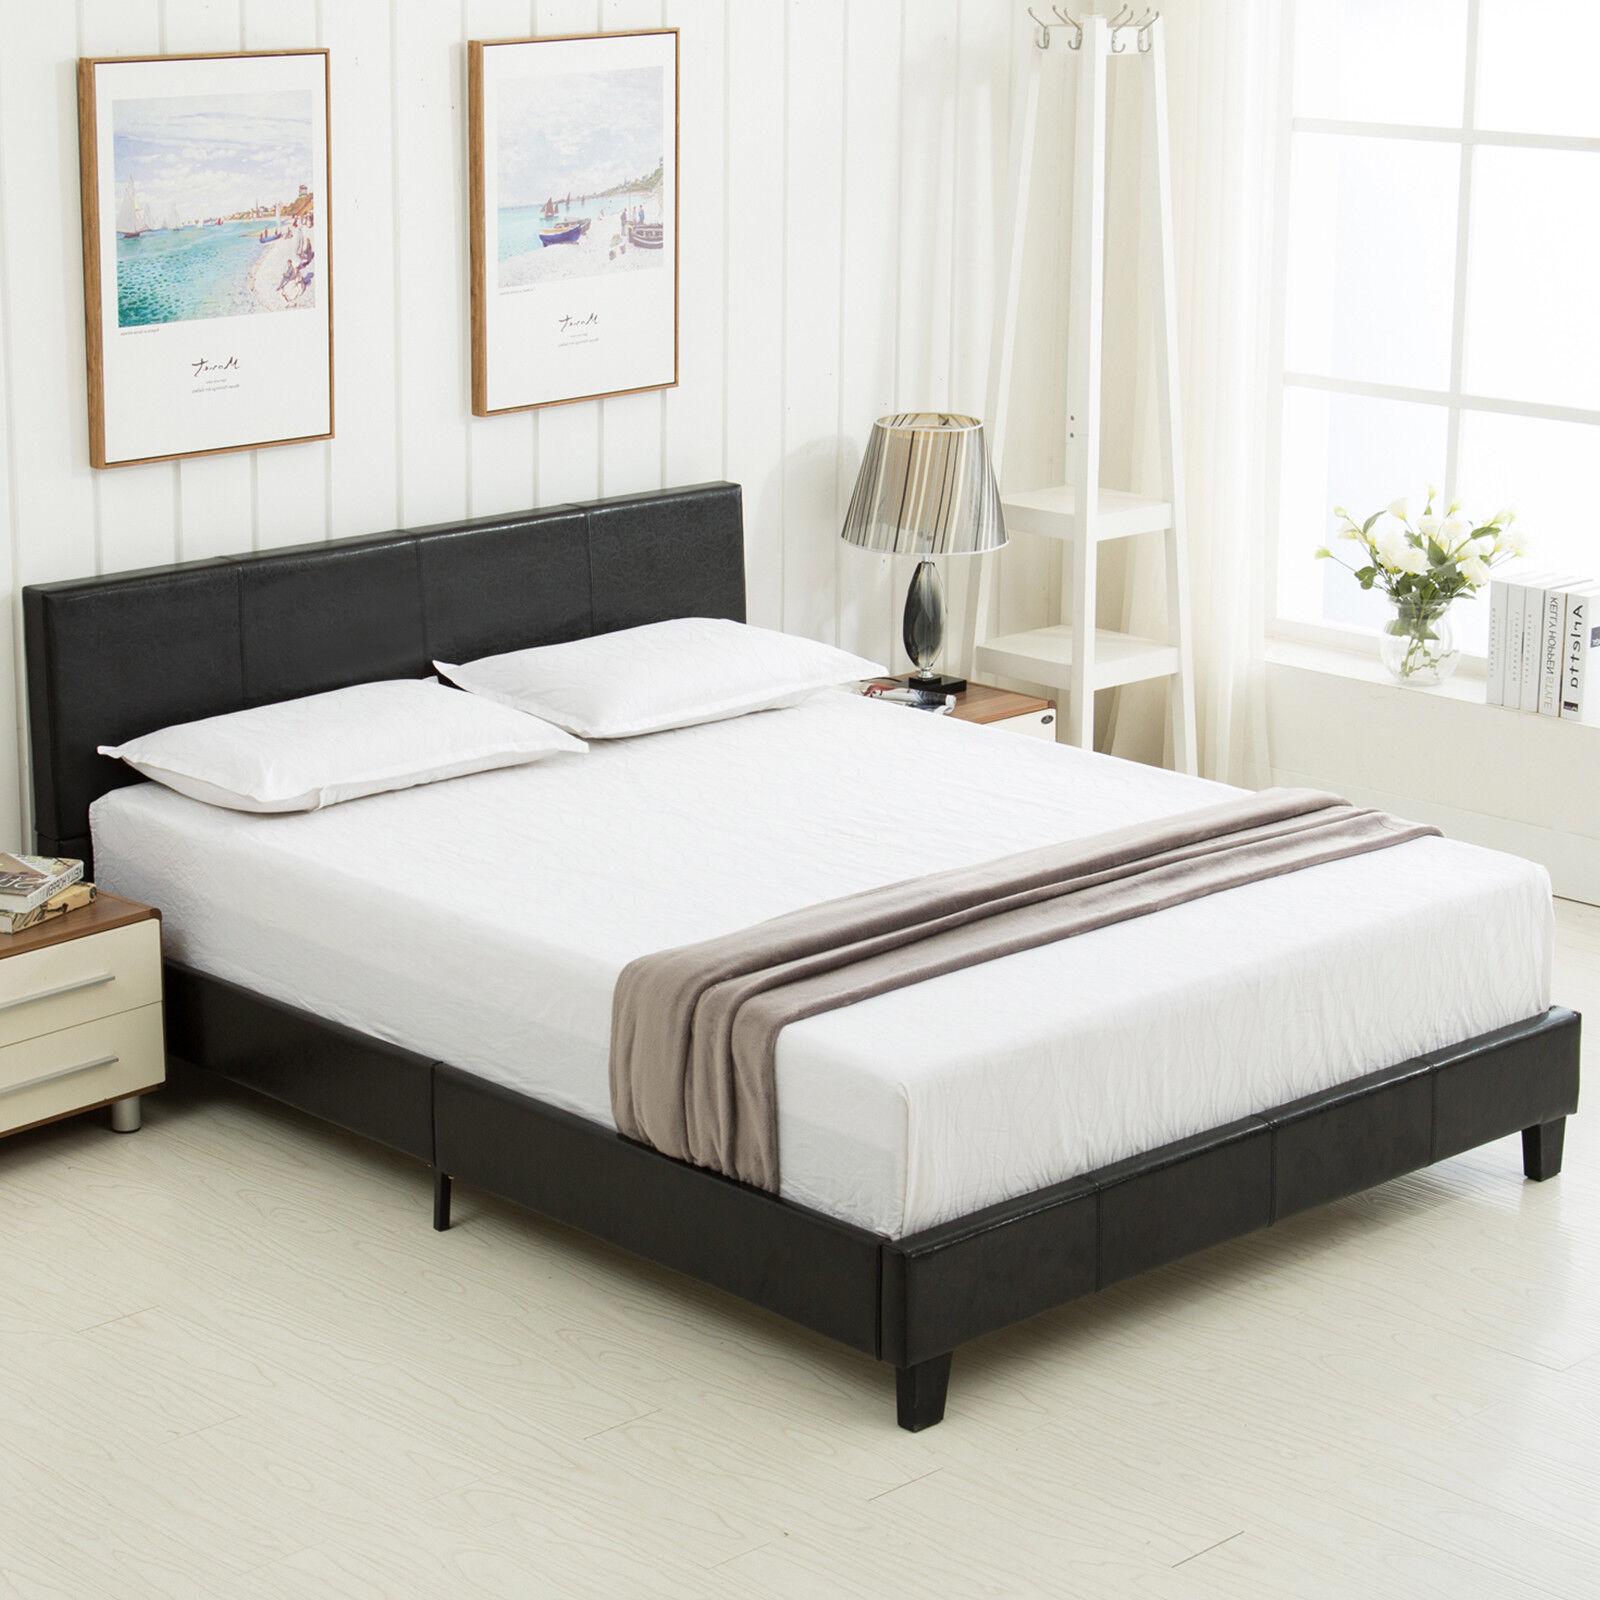 Queen Size Platform Bed Frame Slats Upholstered Headboard Faux